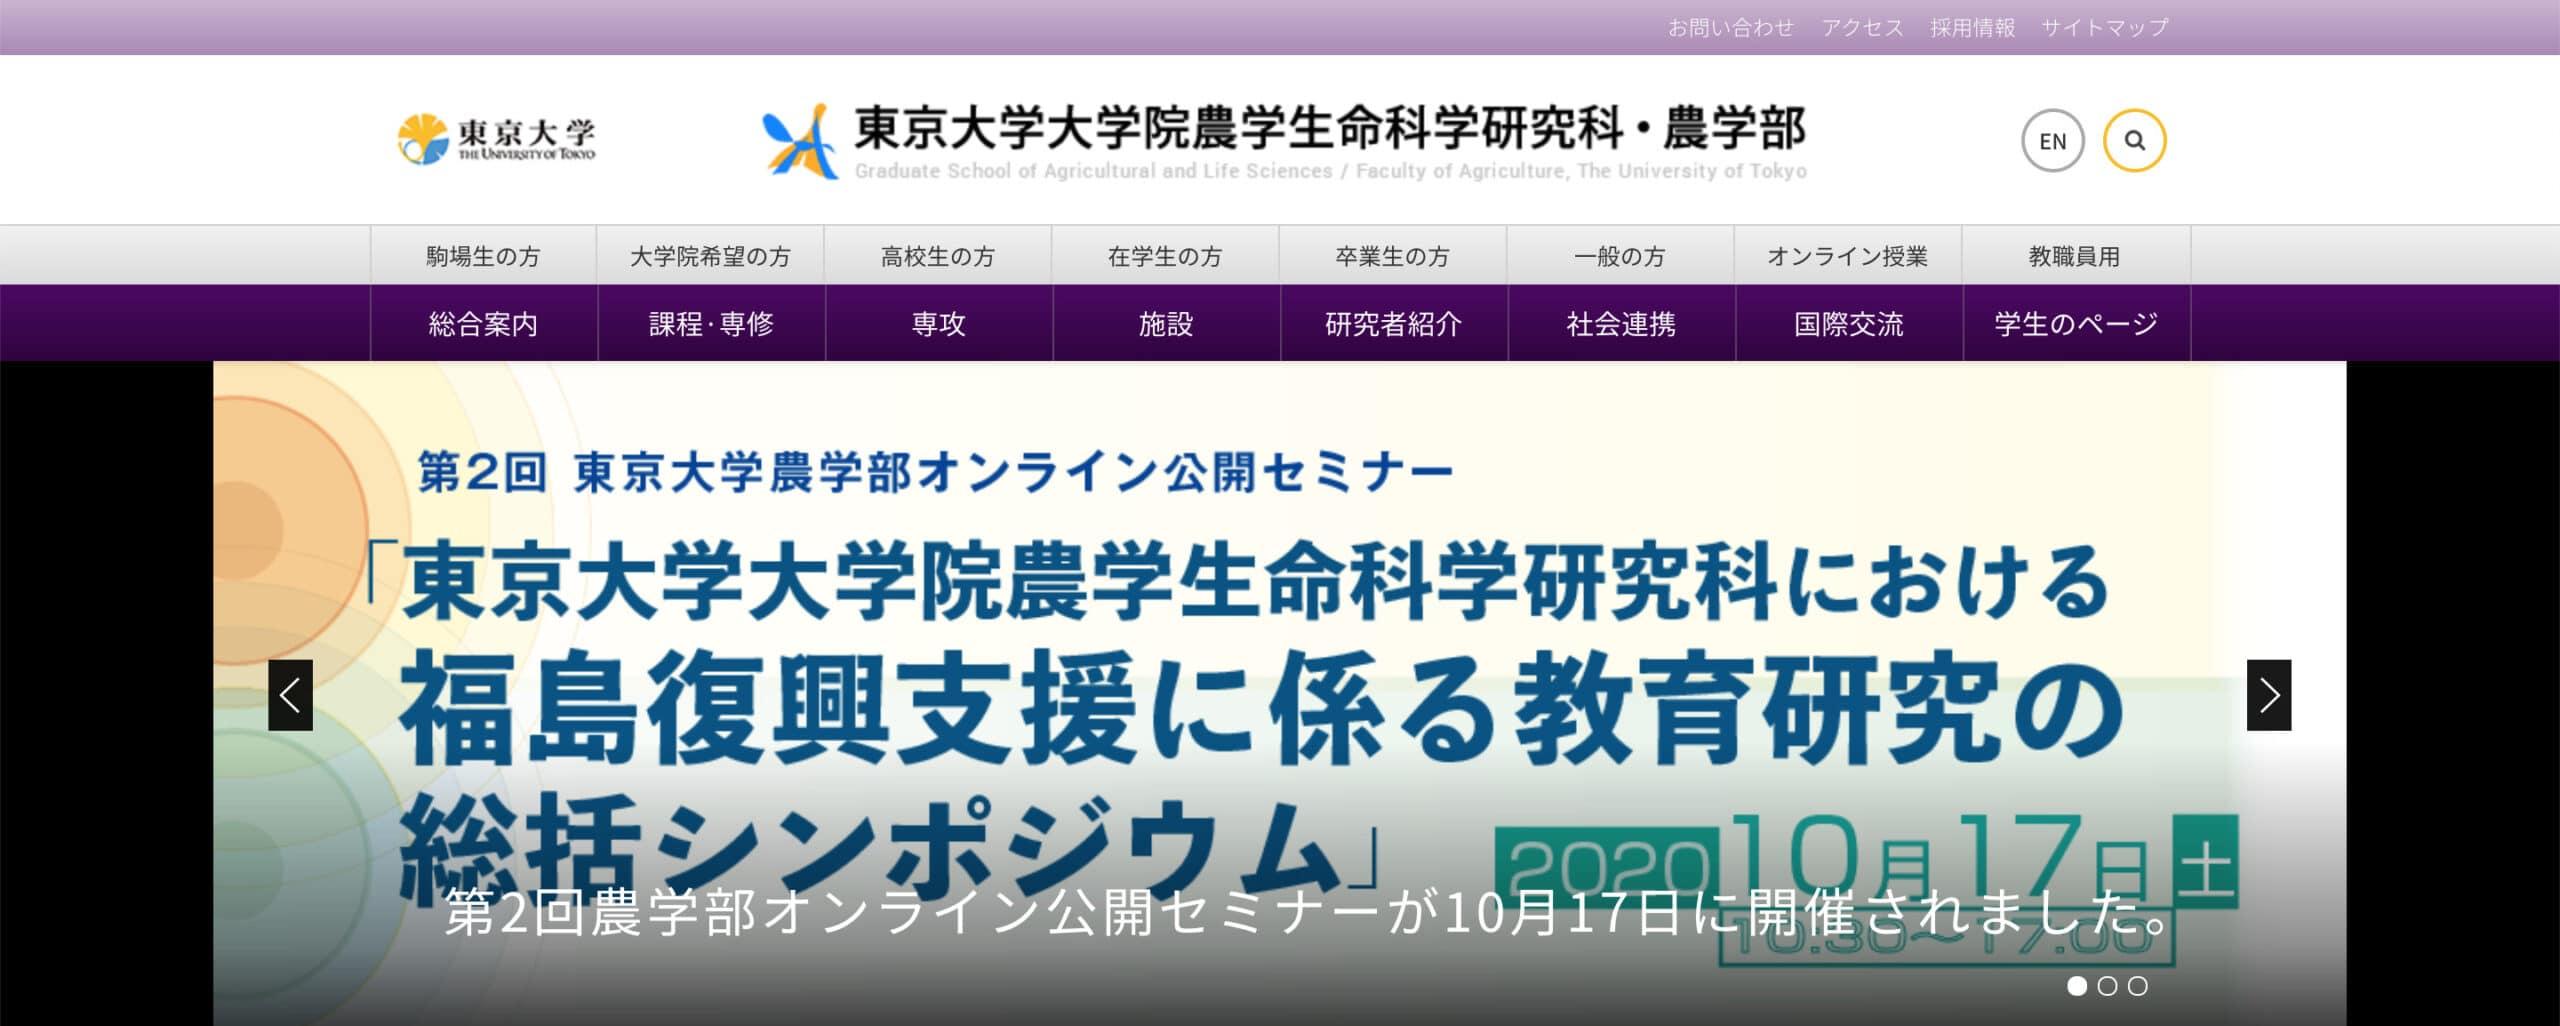 東京大学大学院農学生命科学研究科・農学部 scaled